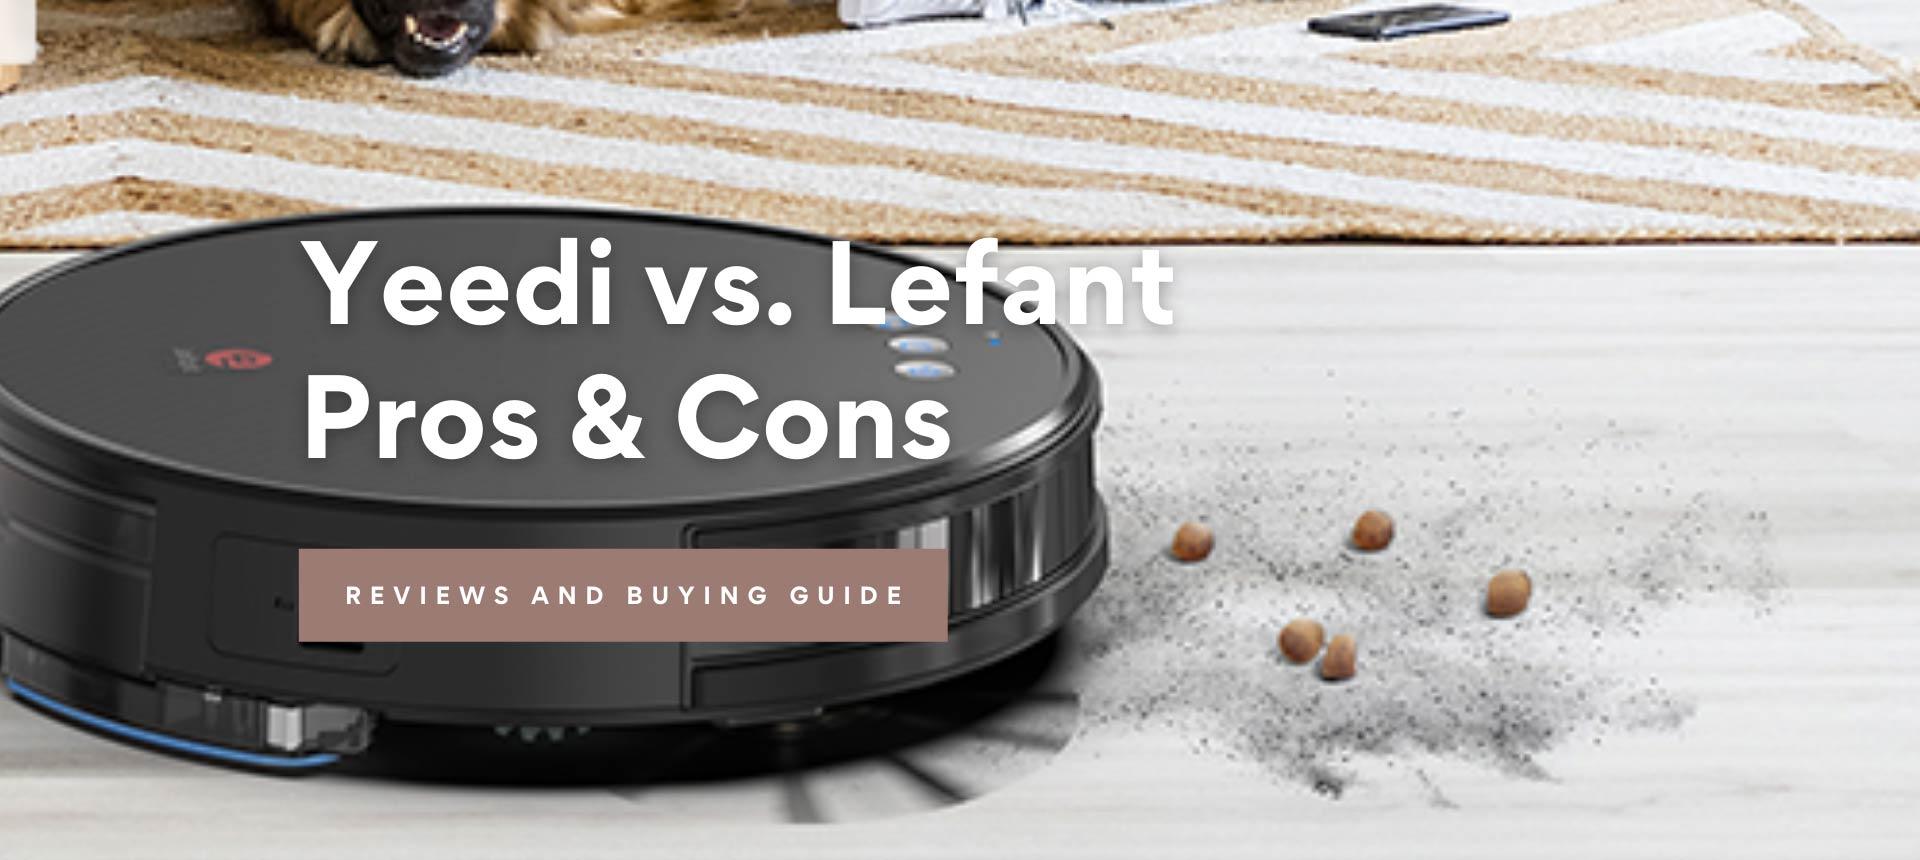 Yeedi vs. Lefant, Pros & Cons